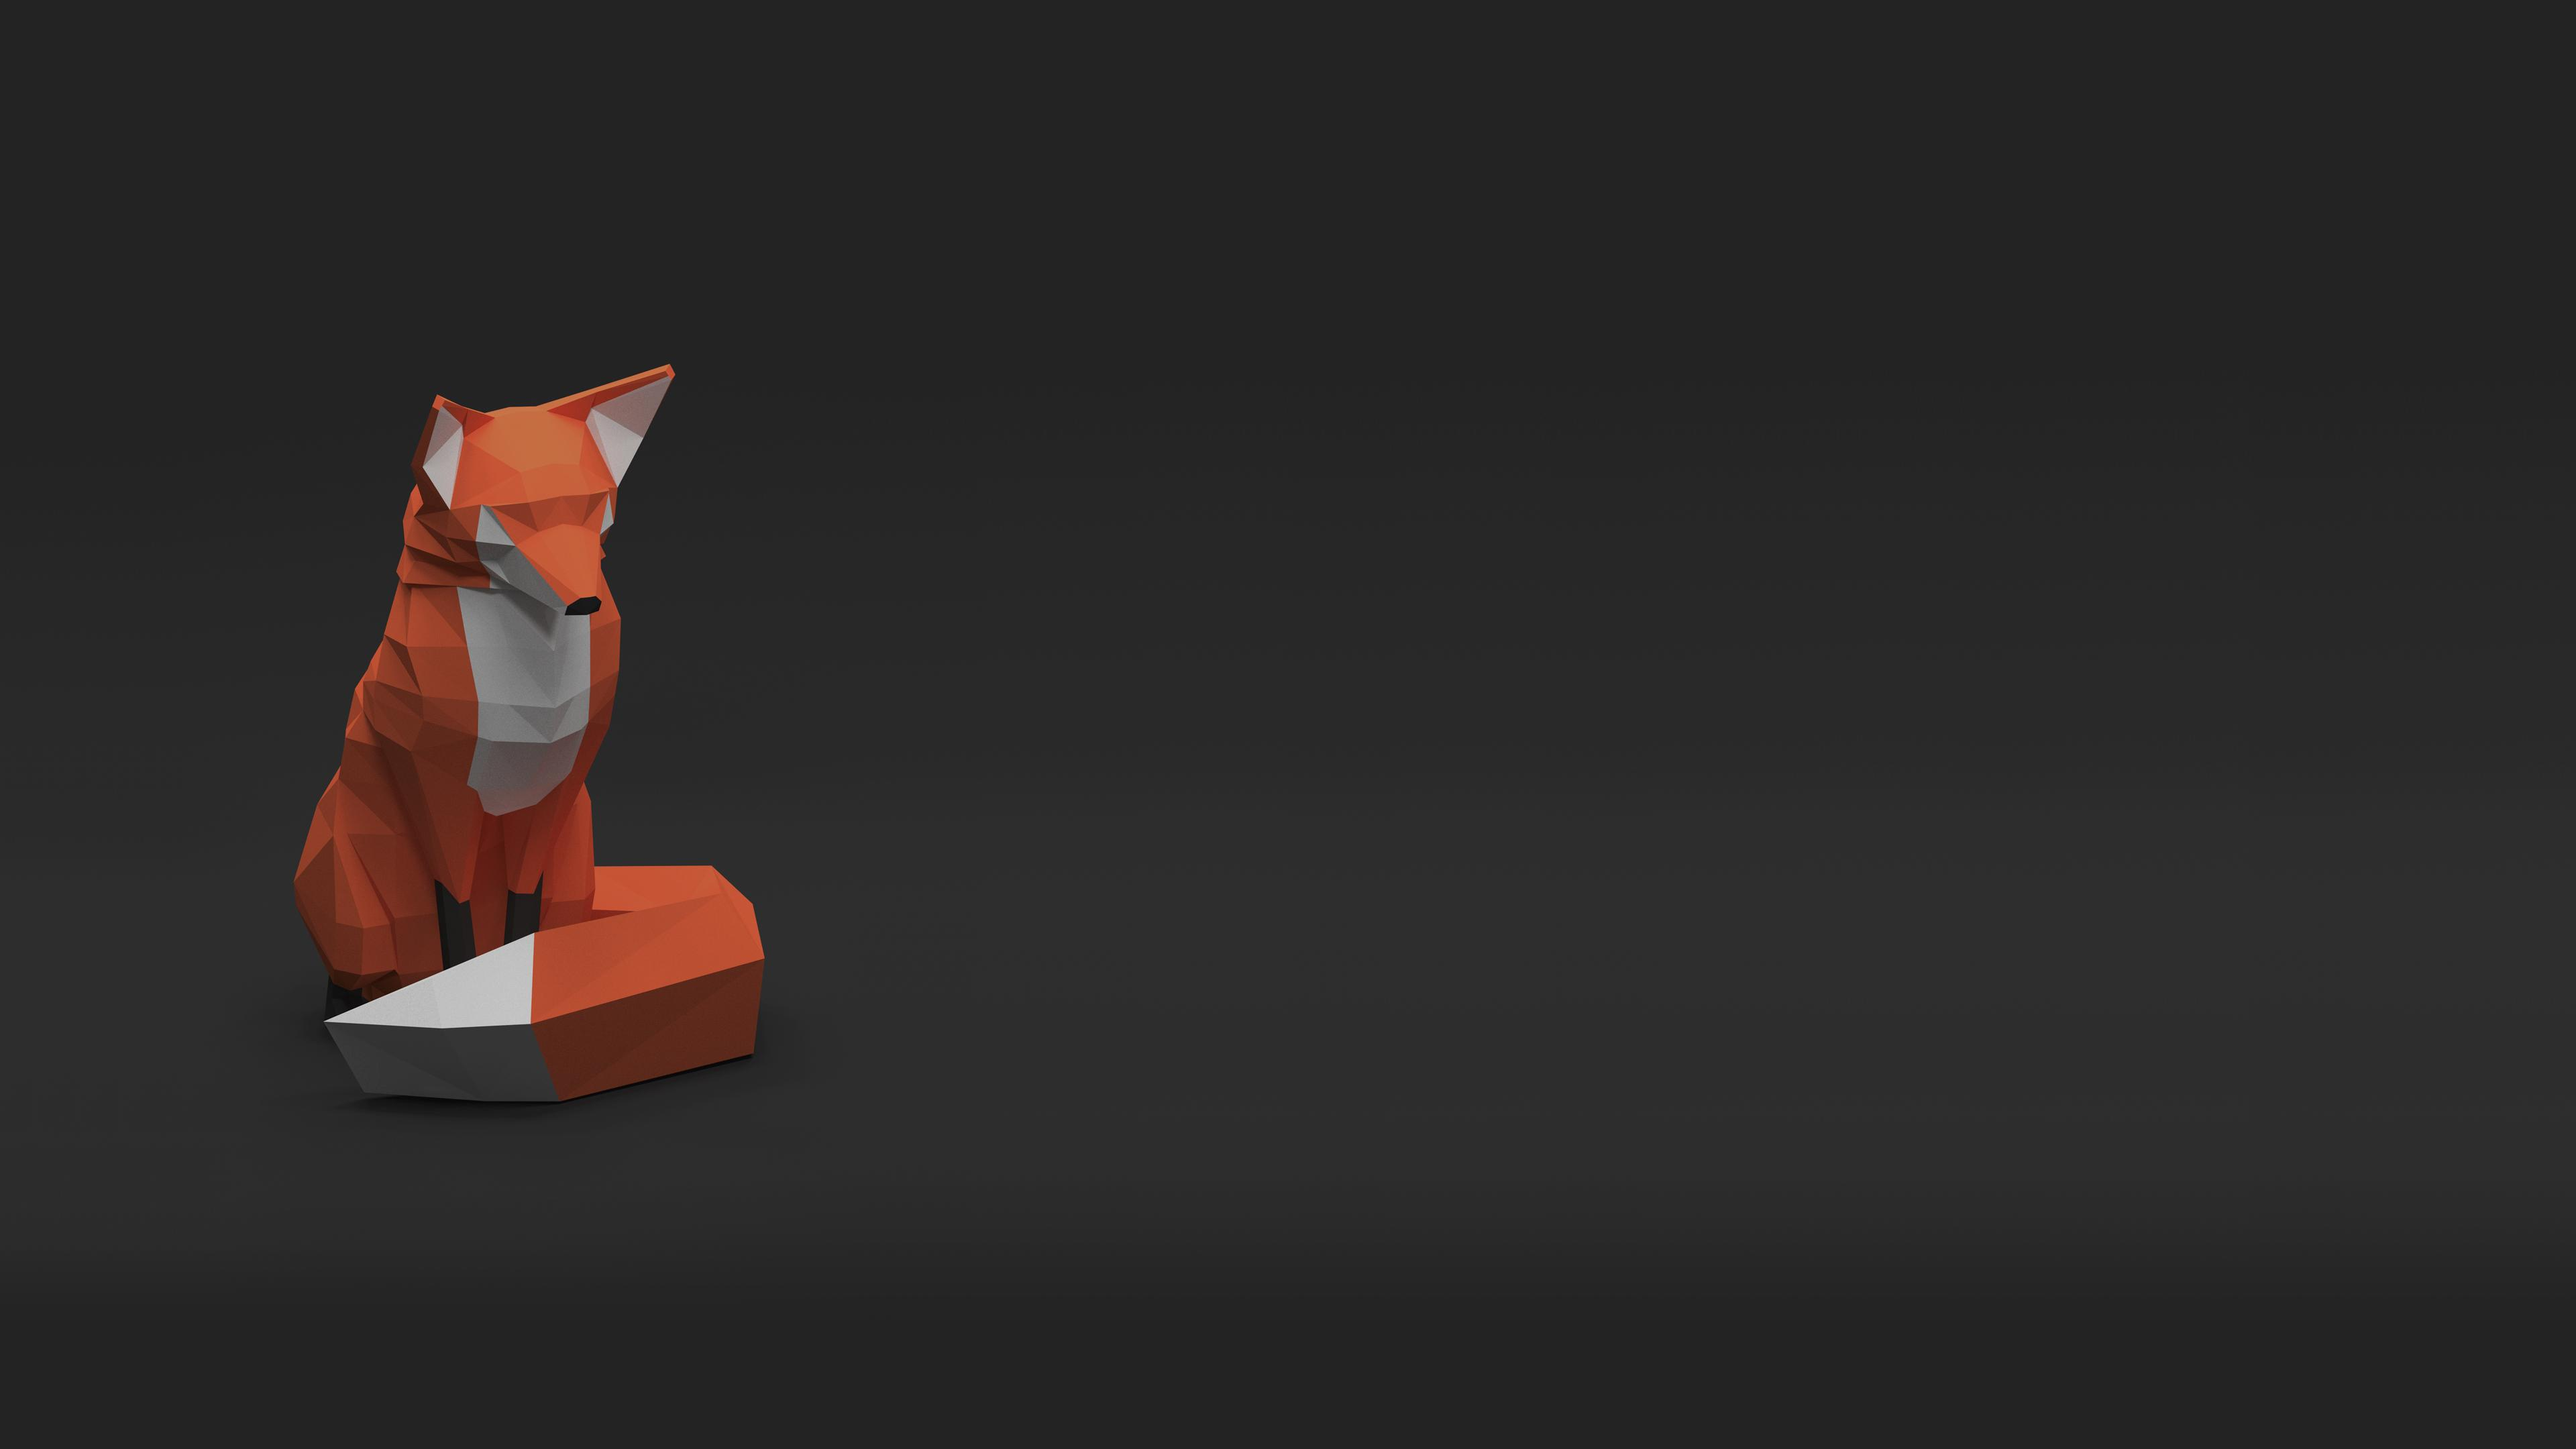 Low Poly Fox [3840x2160] (hdqwalls.com)